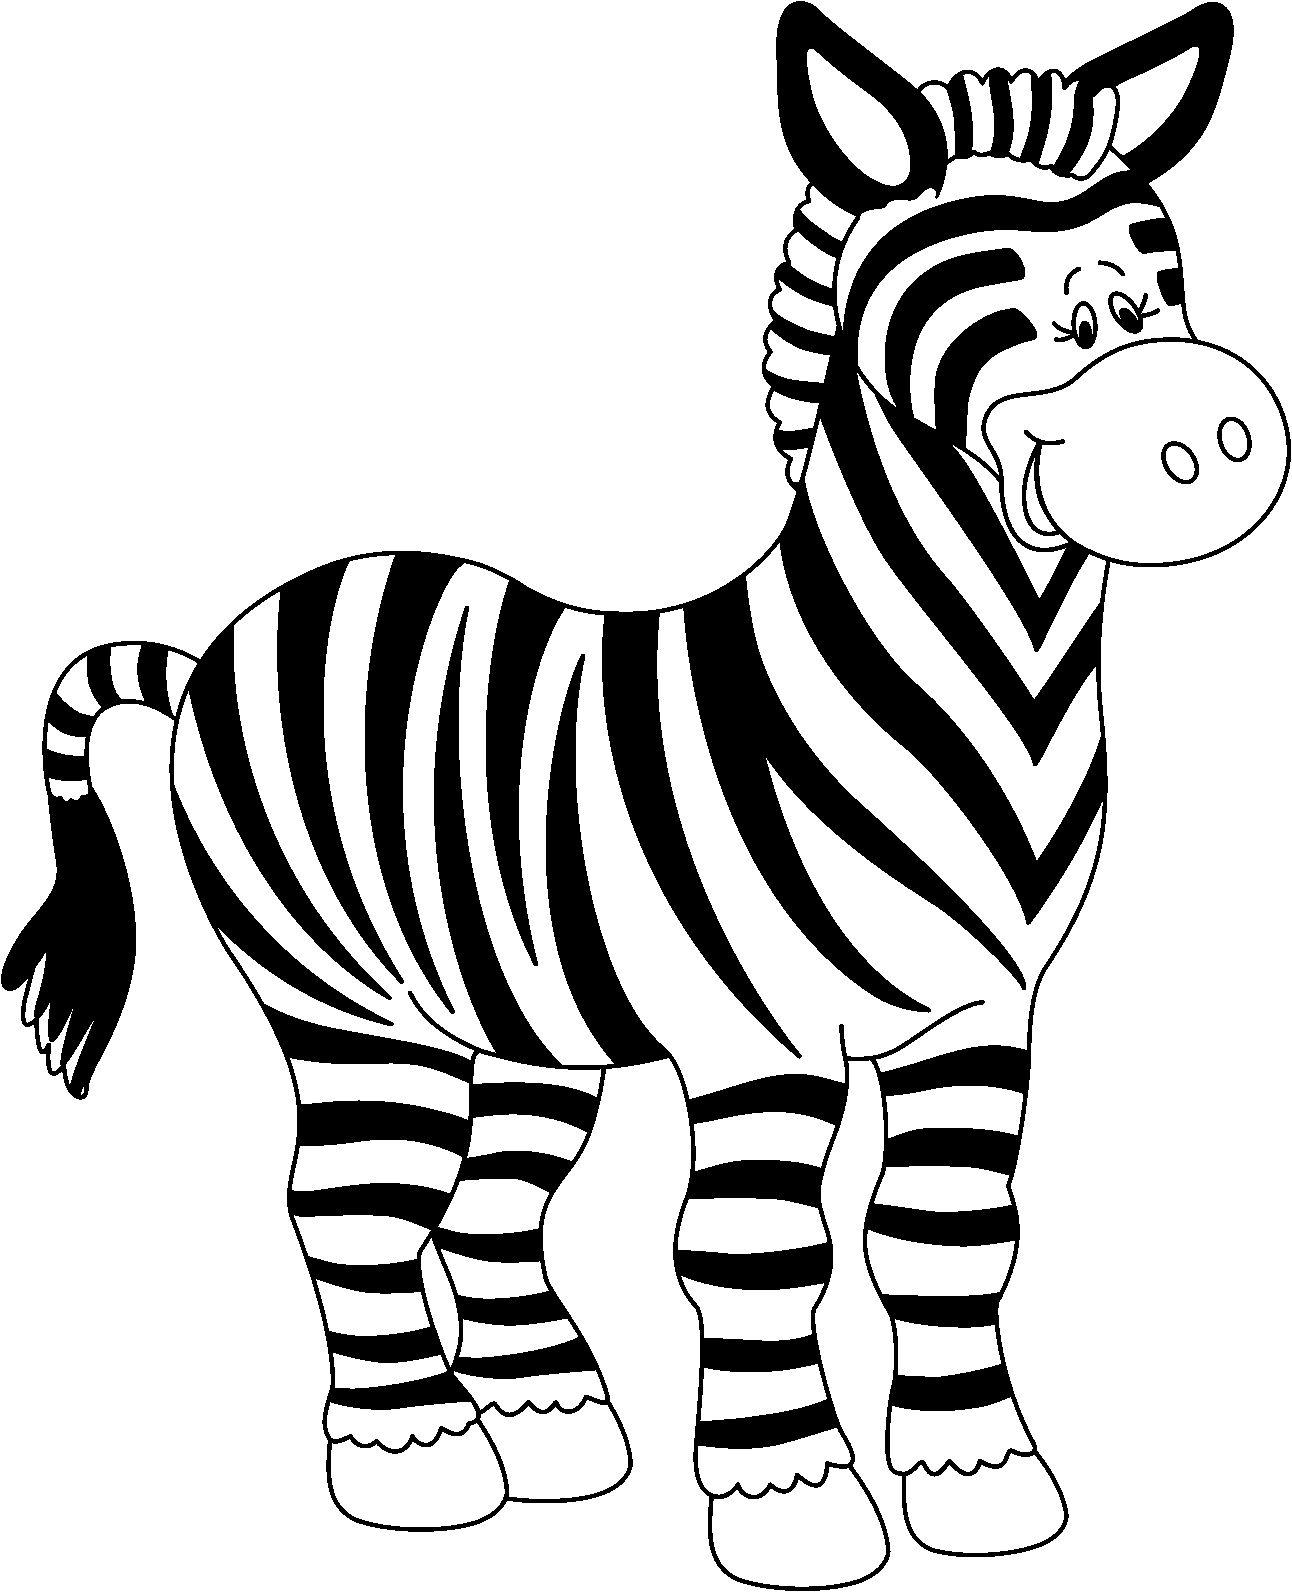 La Chachipedia: Dibujos de cebras para colorear